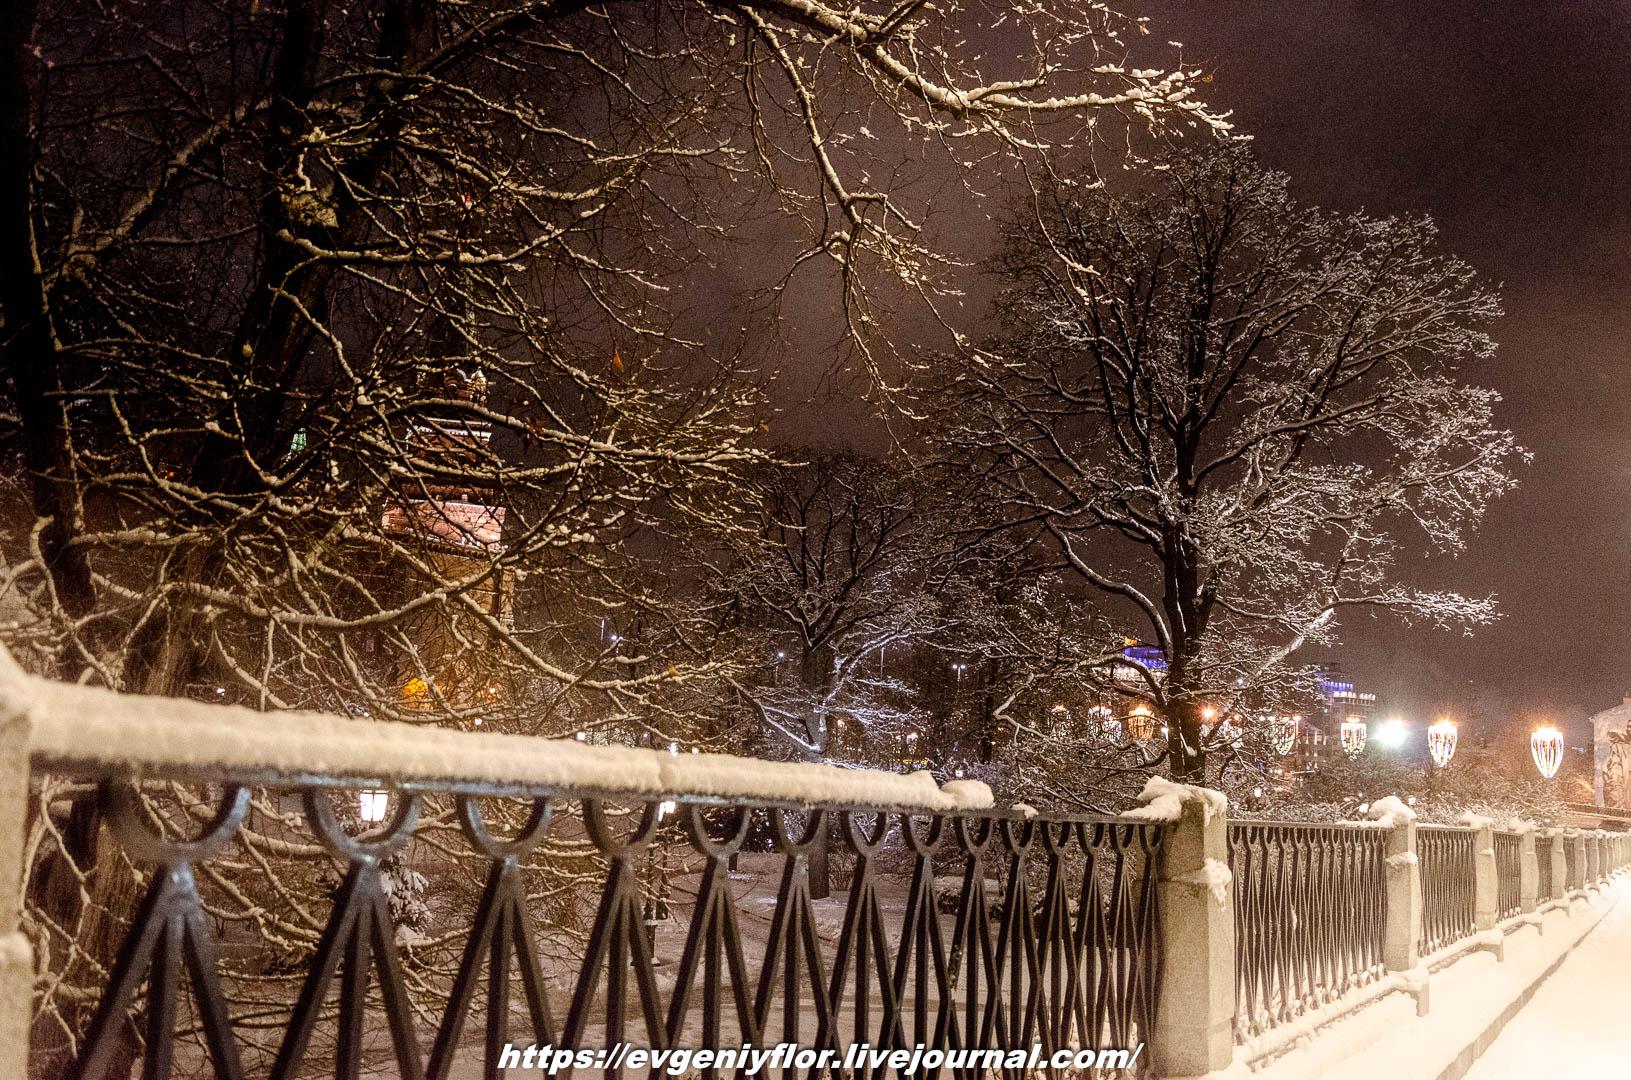 Вечерняя прогулка после снегопада    13 02 - 2019 Среда !Новая папка (2)6778.jpg